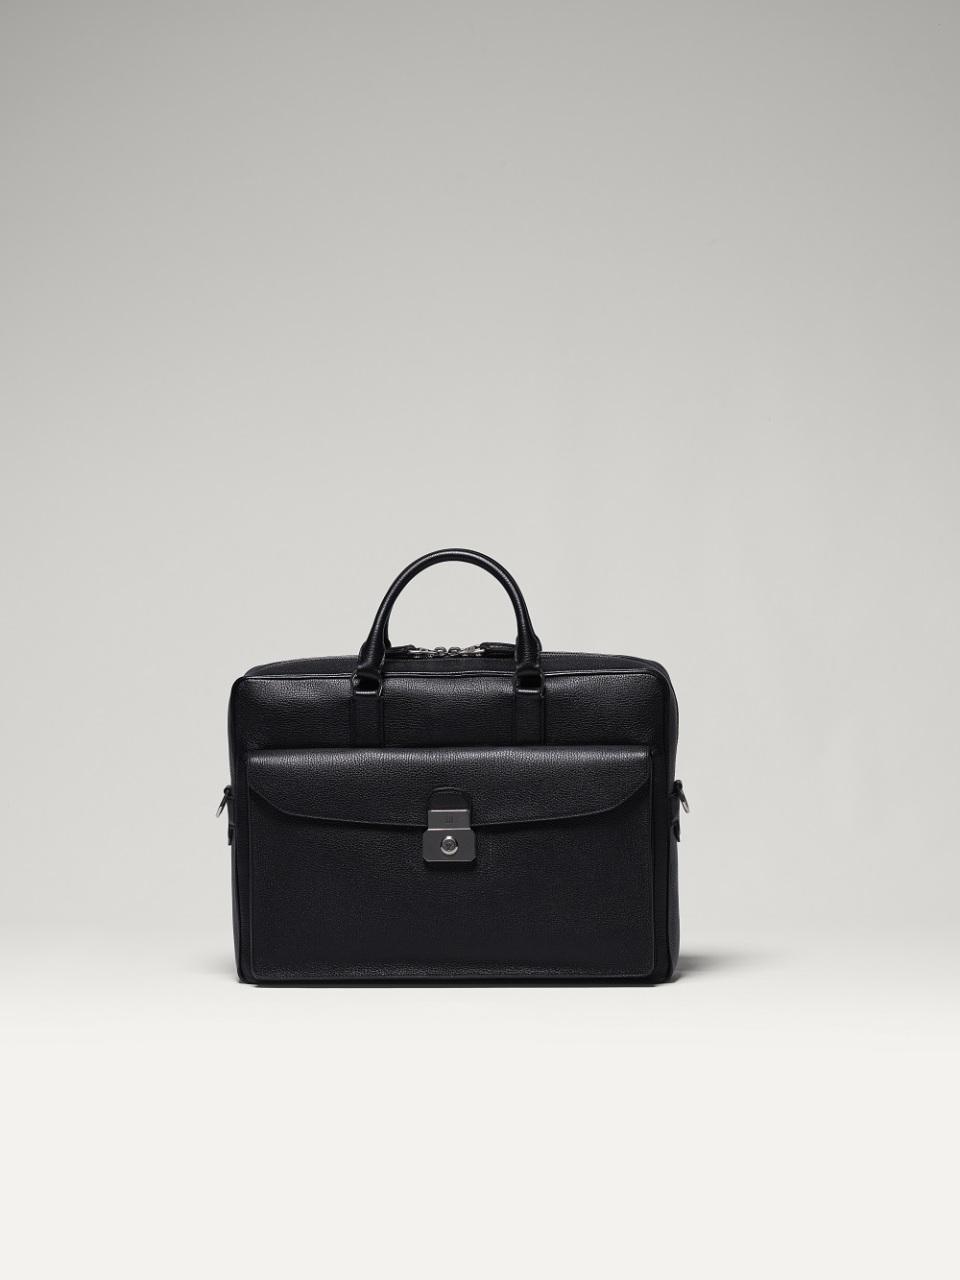 ダンヒルのビジネスバッグは、絶対の安心と信頼で男を次のステージへと導く 2番目の画像